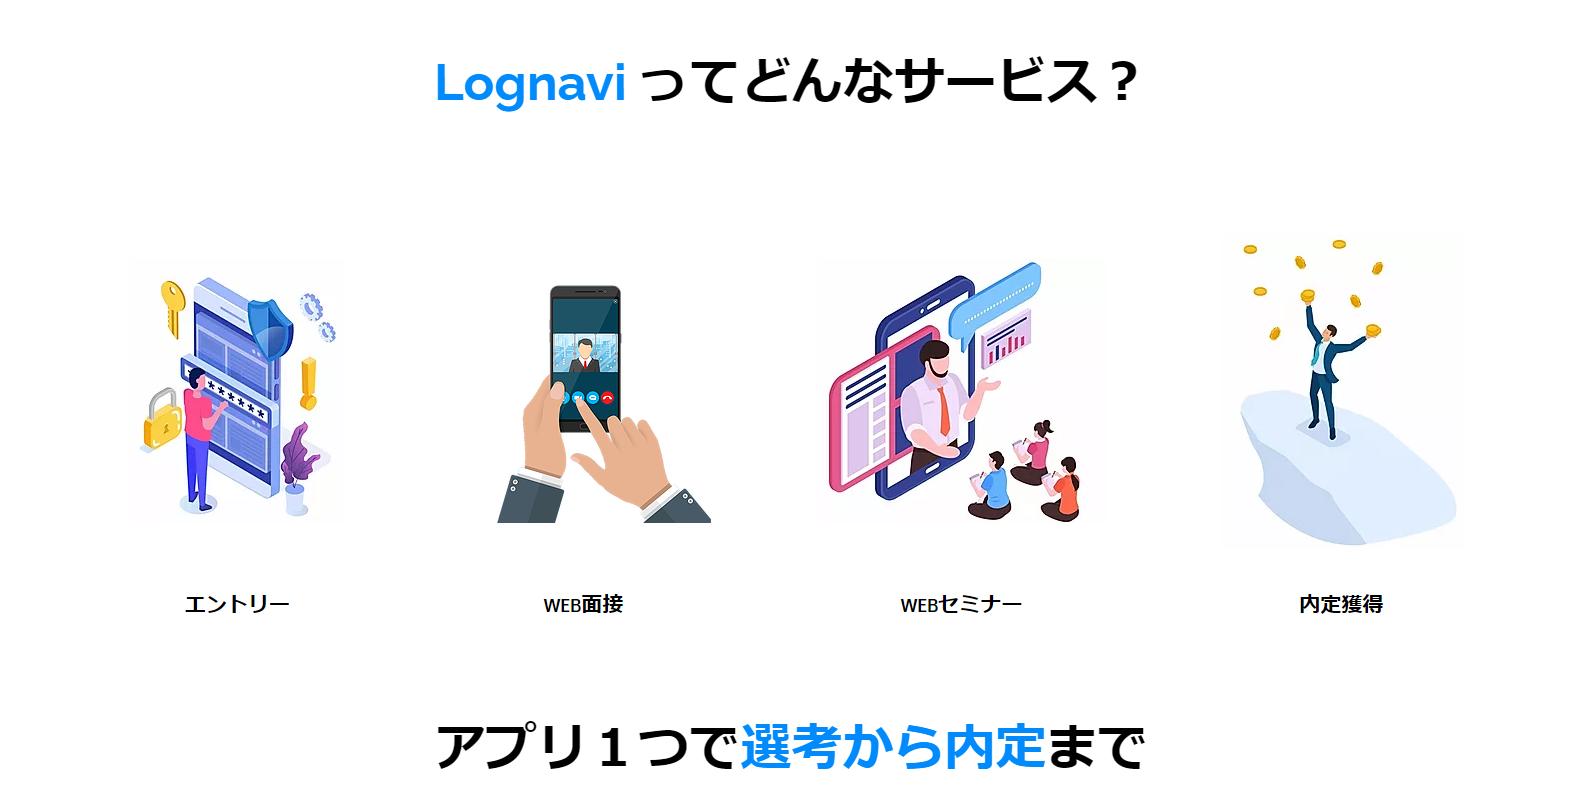 """Lognavi(ログナビ)の評判は?就活での使い方は?【Fラン就活生が解説】 Lognavi(ログナビ)とはそういった就活サービス?? 一言で説明するならばLognavi(ログナビ)とは… <div class=""""c_box """"pink_box"""" type_normal"""">Lognavi(ログナビ)→動画による5Gs代の就活アプリです</div> <div class=""""w_b_box w_b_w100 w_b_flex""""><div class=""""w_b_wrap w_b_wrap_""""talk"""" w_b_flex w_b_div"""" style=""""""""><div class=""""w_b_bal_box w_b_bal_""""R"""" w_b_relative w_b_direction_""""R"""" w_b_w100 w_b_div""""><div class=""""w_b_bal_outer w_b_flex w_b_mp0 w_b_relative w_b_div"""" style=""""""""><div class=""""w_b_bal_wrap w_b_bal_wrap_""""R"""" w_b_div""""><div class=""""w_b_bal w_b_relative w_b_""""talk"""" w_b_""""talk""""_""""R"""" w_b_ta_L w_b_div""""><div class=""""w_b_quote w_b_div"""">へえ~~~5Gせだいってどういうこと?</div></div></div></div></div><div class=""""w_b_ava_box w_b_relative w_b_ava_""""R"""" w_b_f_n w_b_div""""><div class=""""w_b_icon_wrap w_b_relative w_b_div""""><div class=""""w_b_ava_wrap w_b_direction_""""R"""" w_b_mp0 w_b_div""""><div class=""""w_b_ava_effect w_b_relative w_b_oh w_b_size_""""S"""" w_b_div"""" style=""""""""> <img src=""""""""https://ganba-shukatsu.com/wp-content/uploads/2020/02/カエル.jpg"""""""" width="""""""" height="""""""" alt="""""""" class=""""w_b_ava_img w_b_w100 w_b_h100  w_b_mp0 w_b_img"""" style="""""""" /> </div></div></div></div></div></div> 5Gという言葉は知っていますよね? 言い換えると「第5世代移動通信システム」のことです。 「 第5世代移動通信システム 英: 5th Generation、5G)は、1G、2G、3G、4Gに続く国際電気通信連合 が定める規定IMT-2020を満足する無線通信システムである。 」 引用:Wikipedia 要は高速インターネットを使える世代のことです。 4Gの約20倍の速さでネットが使えます。 通信遅延も無くなります。 たくさんの機器を同時接続も可能となり、ネットでのストレスがほとんど解決される それが5Gなのです。 2020年より5Gサービスがスタートしましたが、これを利用した日本初の就活サービスがLognavi(ログナビ)なのです。 <div class=""""w_b_box w_b_w100 w_b_flex""""><div class=""""w_b_wrap w_b_wrap_""""talk"""" w_b_flex w_b_div"""" style=""""""""><div class=""""w_b_bal_box w_b_bal_""""R"""" w_b_relative w_b_direction_""""R"""" w_b_w100 w_b_div""""><div class=""""w_b_bal_outer w_b_flex w_b_mp0 w_b_relative w_b_div"""" style=""""""""><div class=""""w_b_bal_wrap w_b_bal_wrap_""""R"""" w_b_div""""><div class=""""w_b_bal w_b_relative w_b_""""talk"""" w_b_""""talk""""_""""R"""" w_b_ta_L w_b_div""""><div class=""""w_b_quote w_b_div"""">その5G世代が今就活をしている世代の学生ってことね。なるほど</div></div></div></div></div><div class=""""w_b_ava_box w_b_relative w_b_ava_""""R"""" w_b_f_n w_b_div""""><div class=""""w_b_icon_wrap w_"""